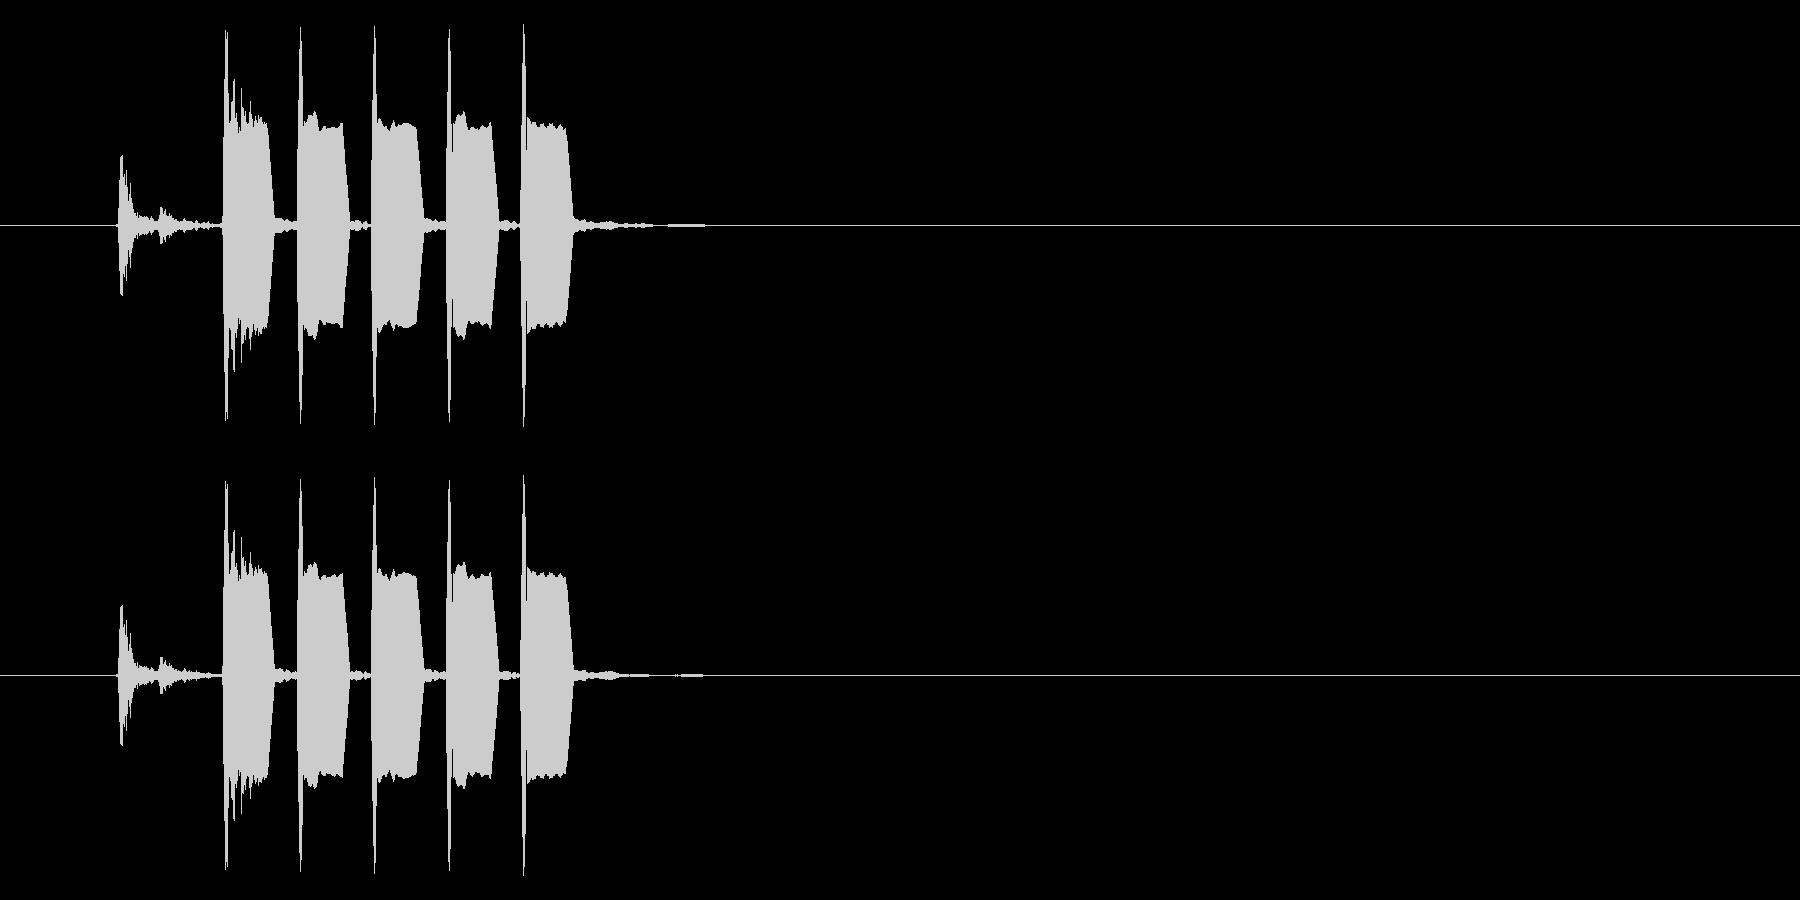 改札 ビープ音01-04(音色1)の未再生の波形